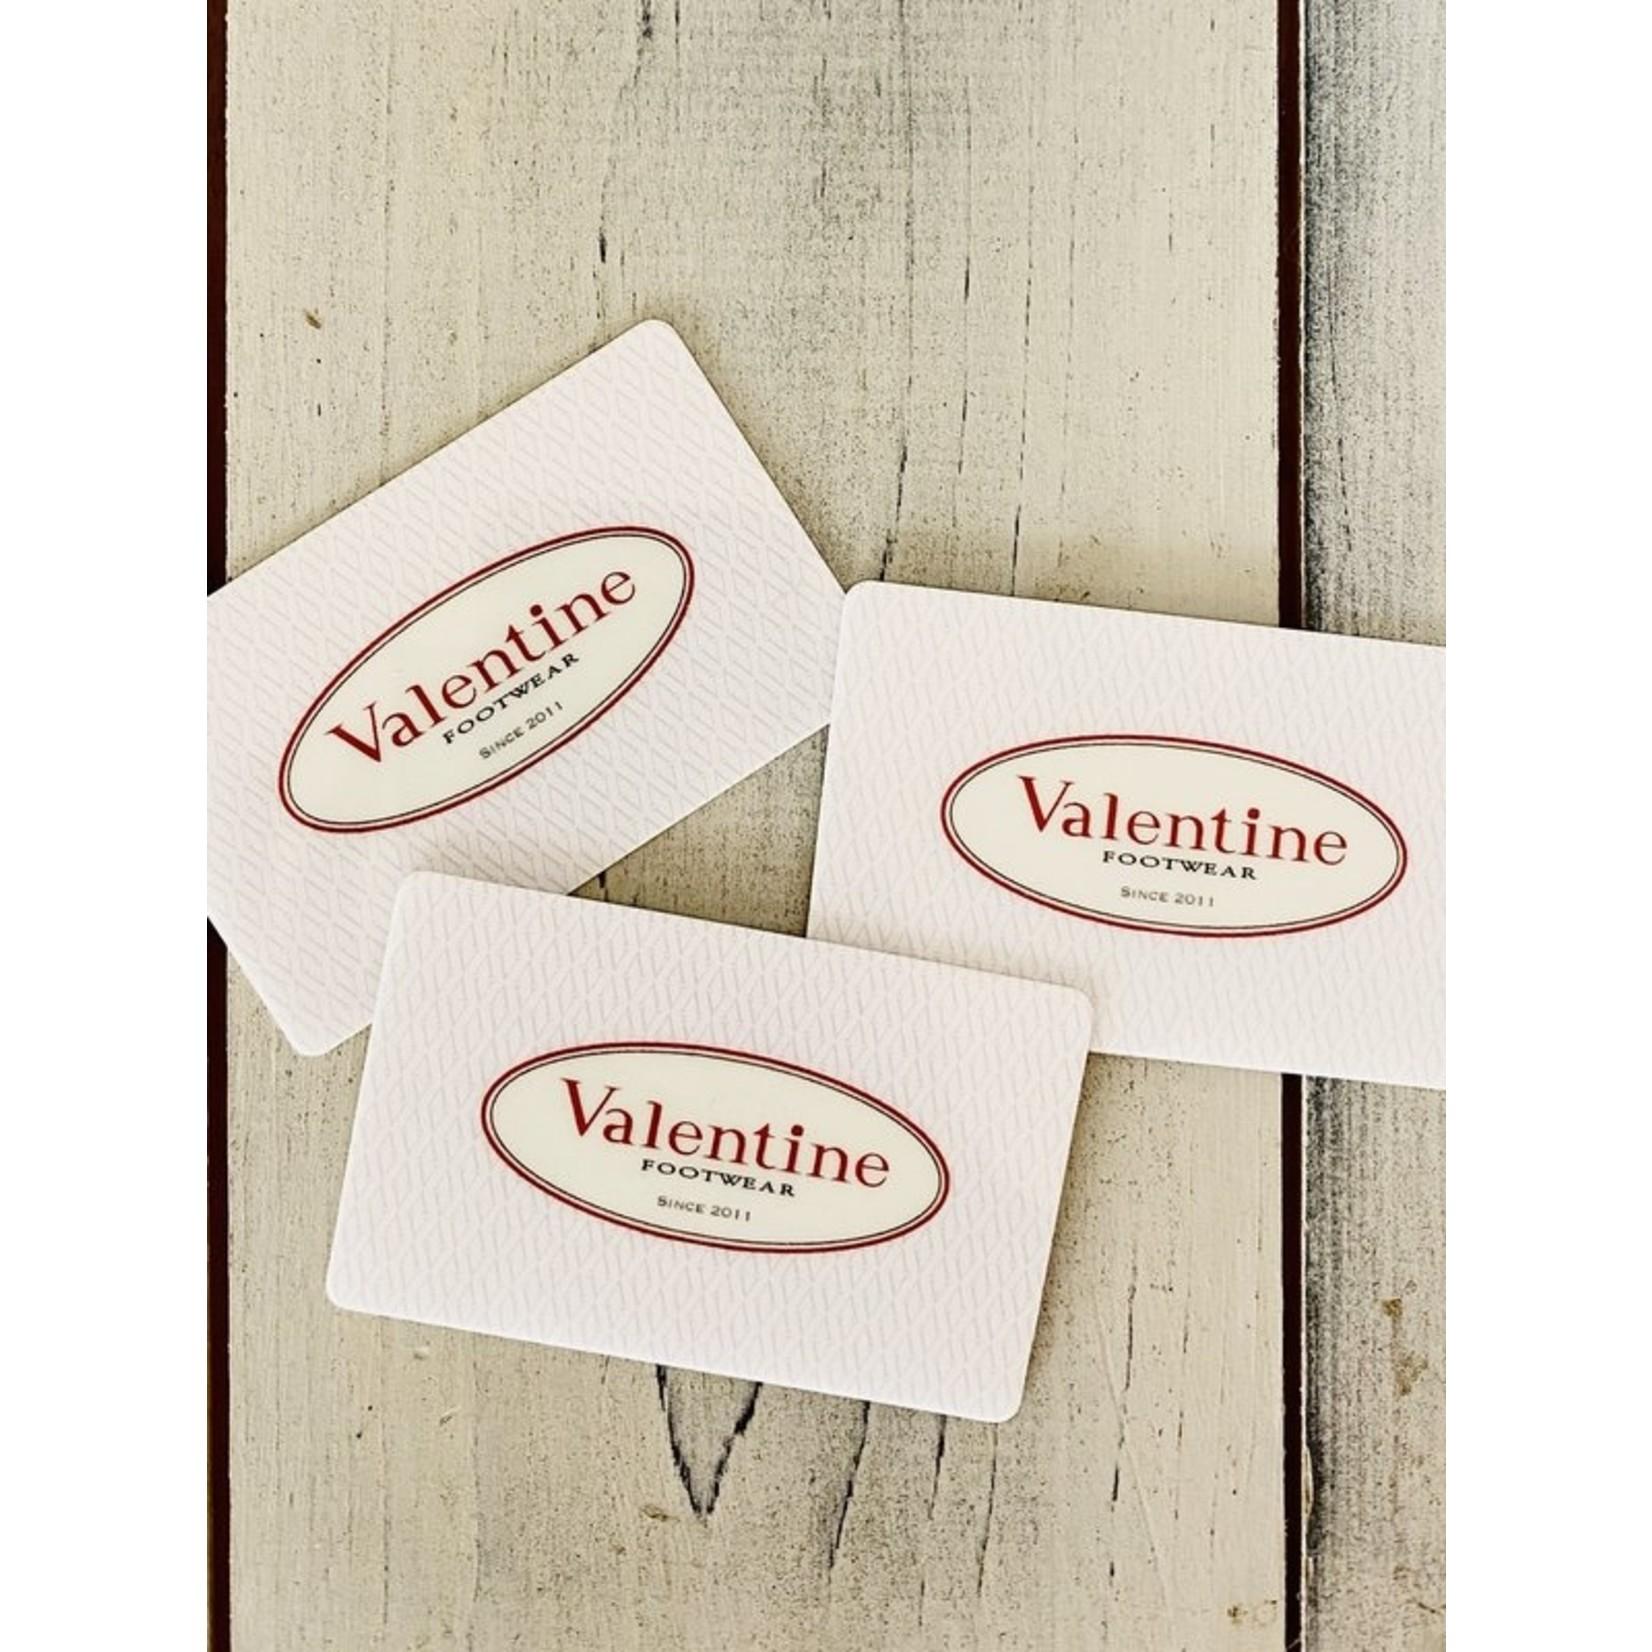 Valentine Footwear $100 Gift Card